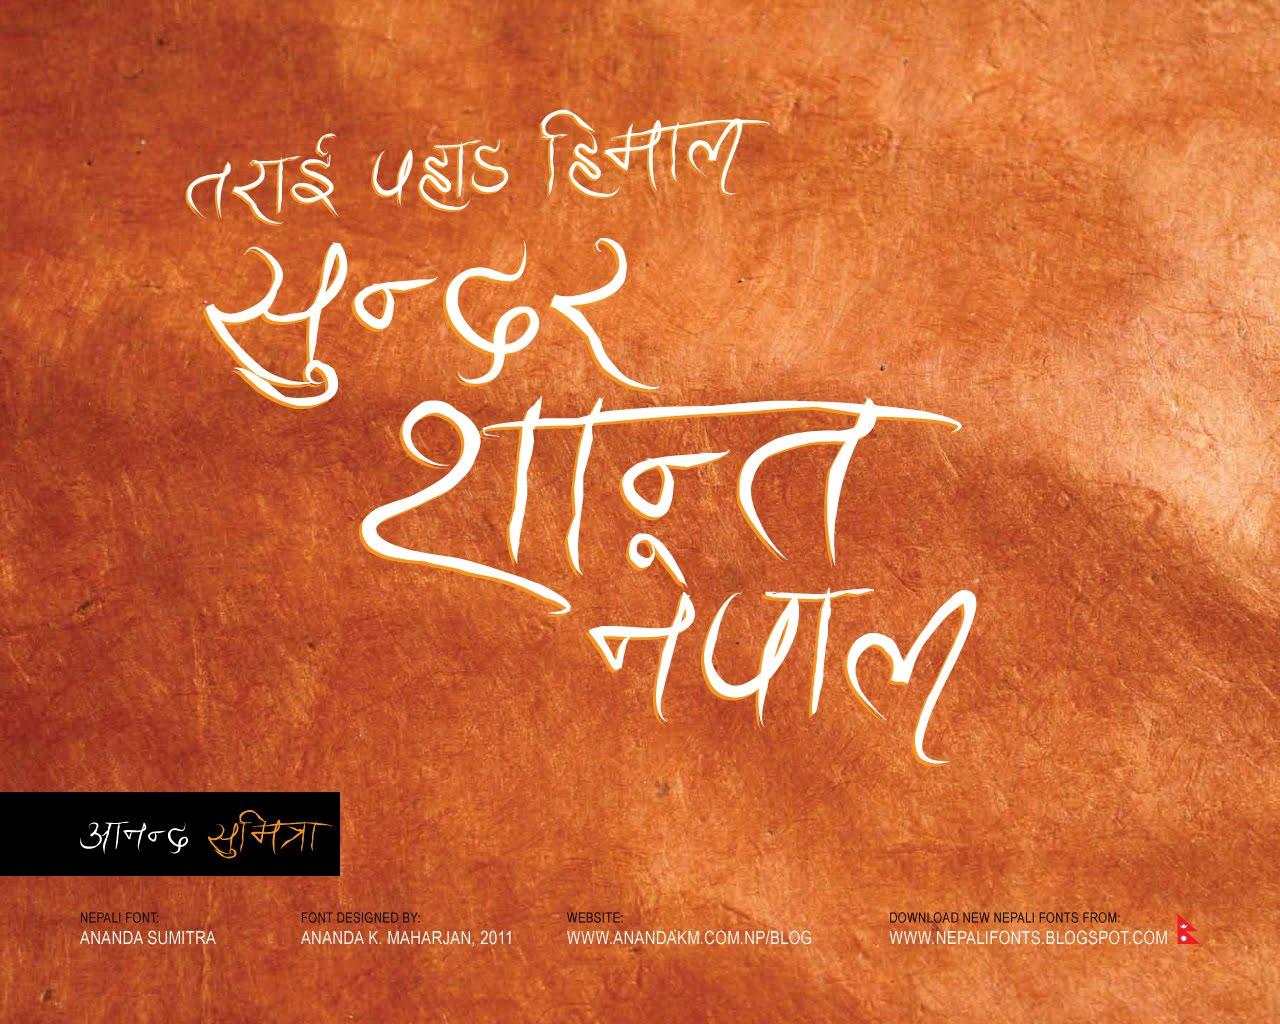 Devanagari Handwriting New Nepali Fonts: Anan...